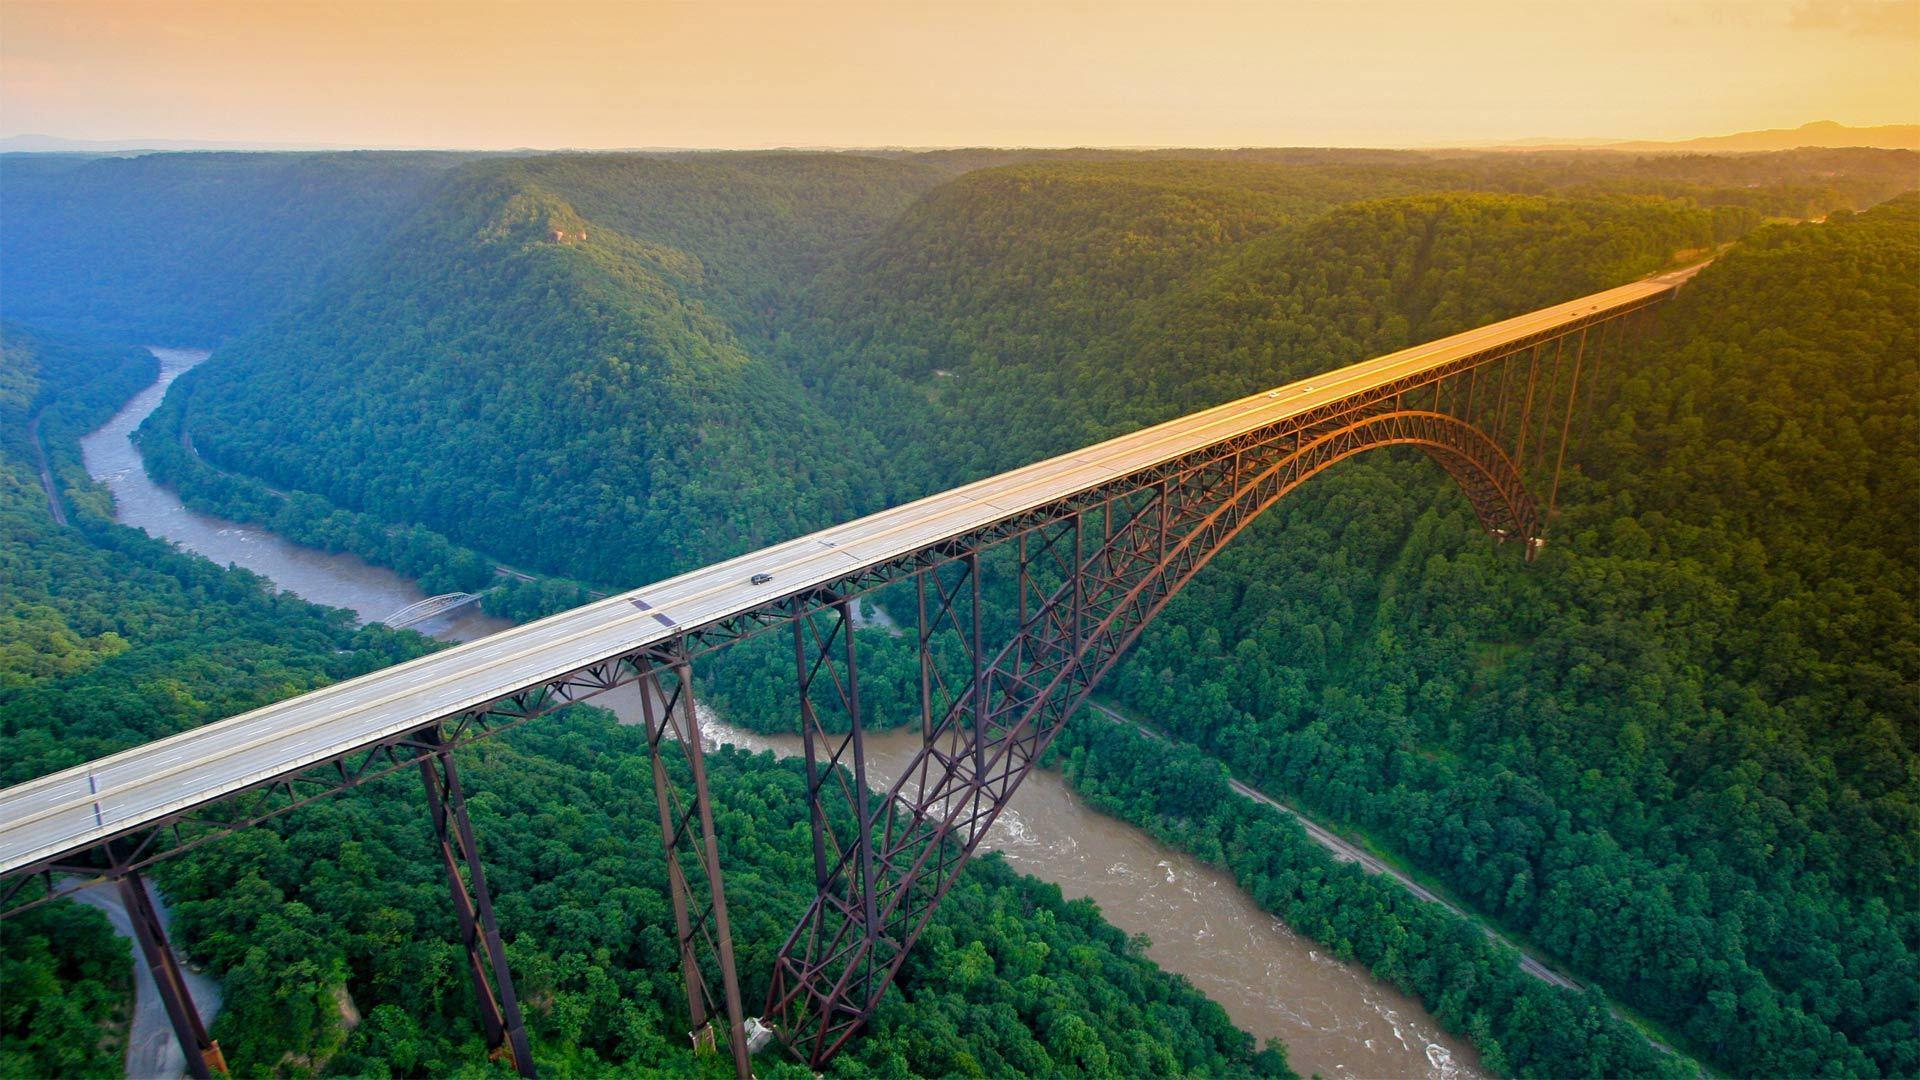 新河峡国家公园中的新河峡大桥新河峡大桥